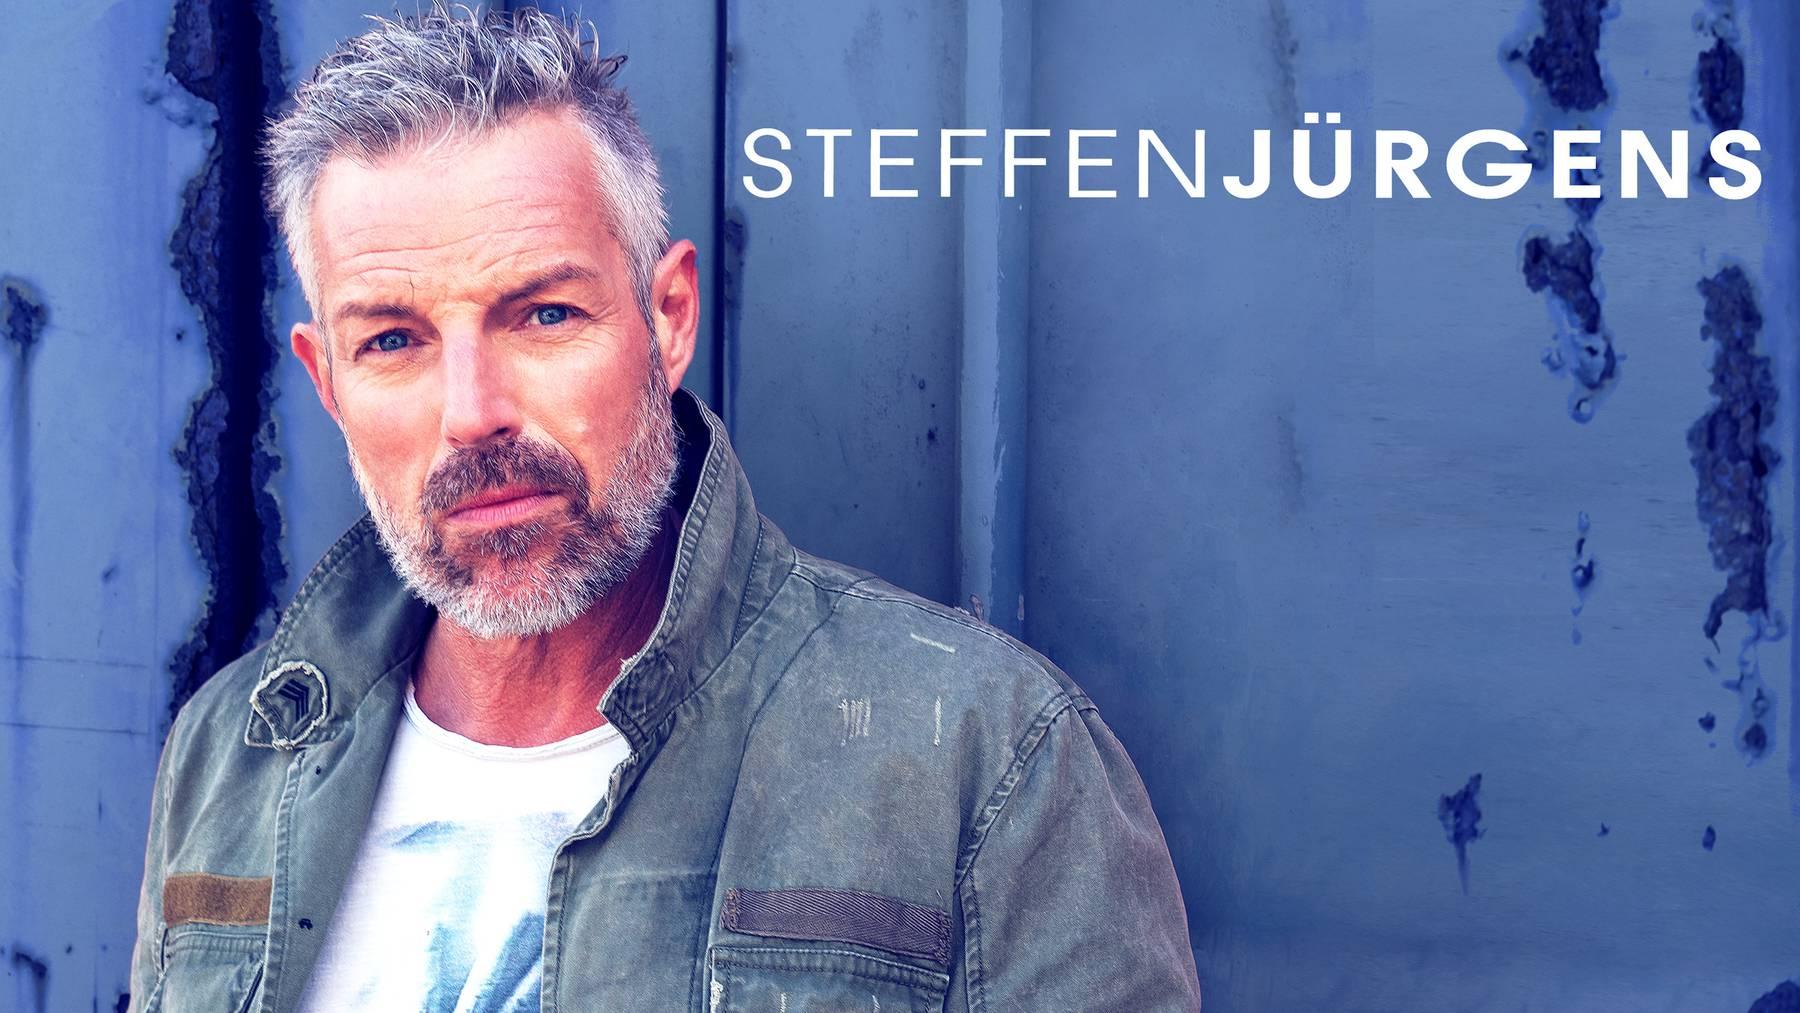 Steffen Jürgens - Leidenschaft